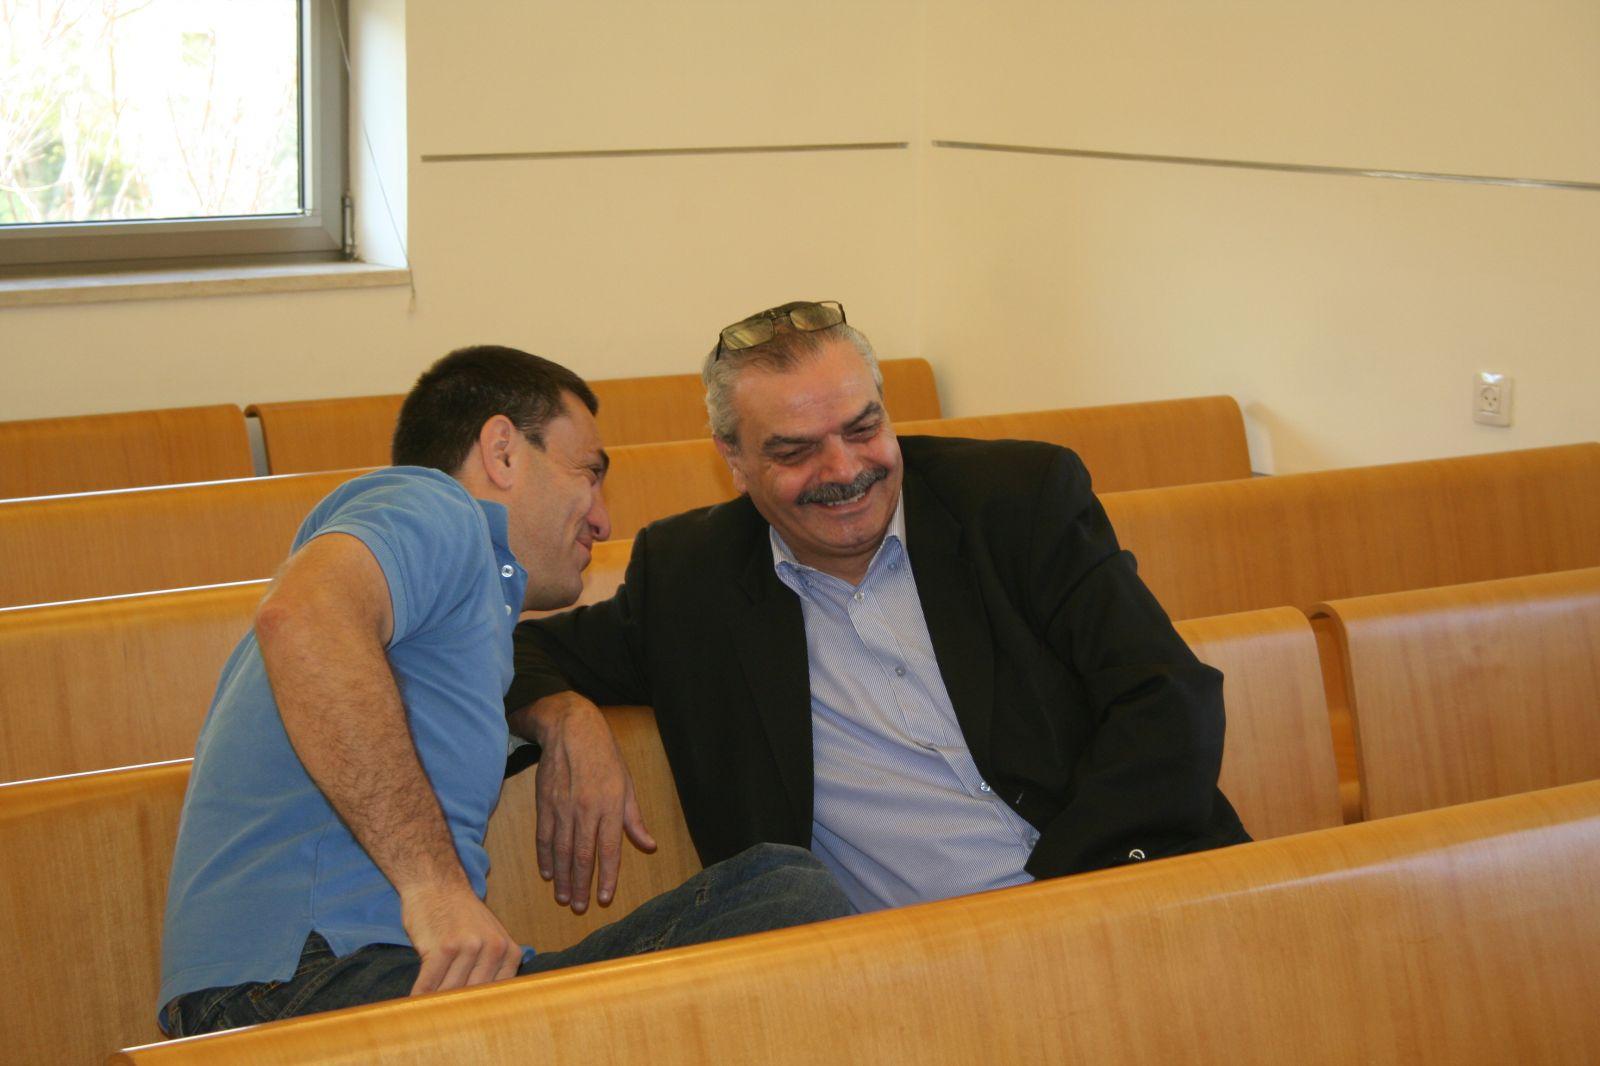 """יוסי בר-מוחא ורותם אברוצקי, בית הדין הארצי לעבודה, 26.11.13 (צילום: """"העין השביעית"""")"""